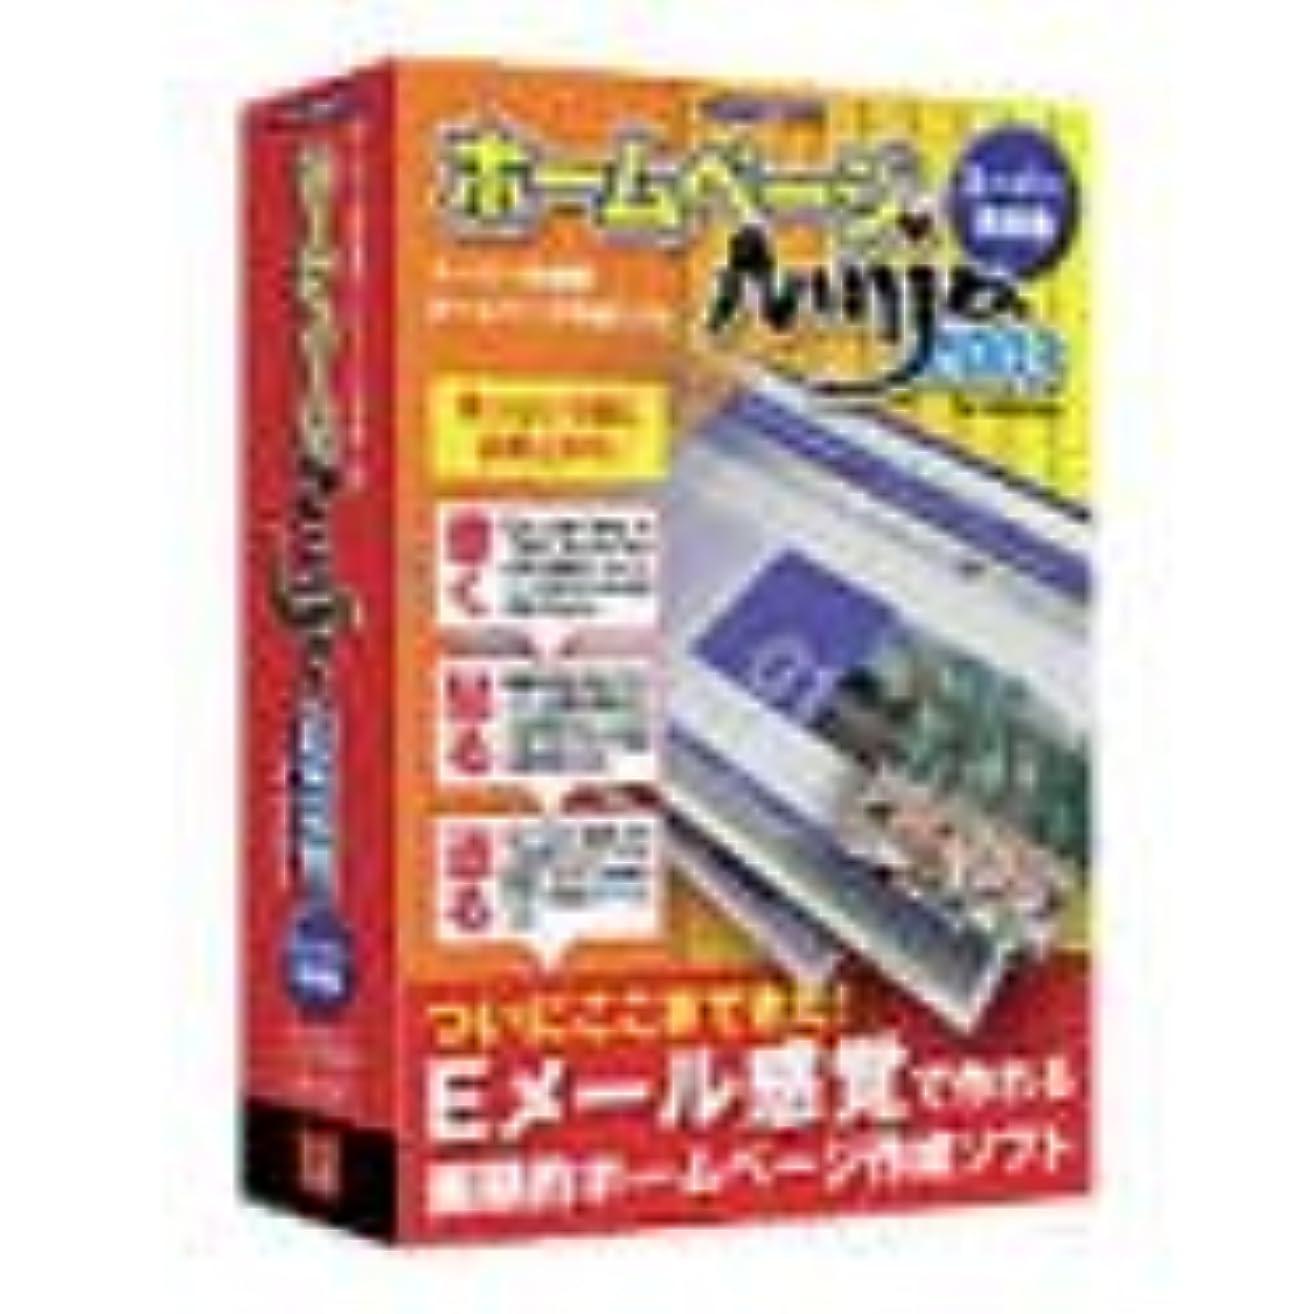 ハンバーガー別のペストホームページ Ninja 2003 for Windows